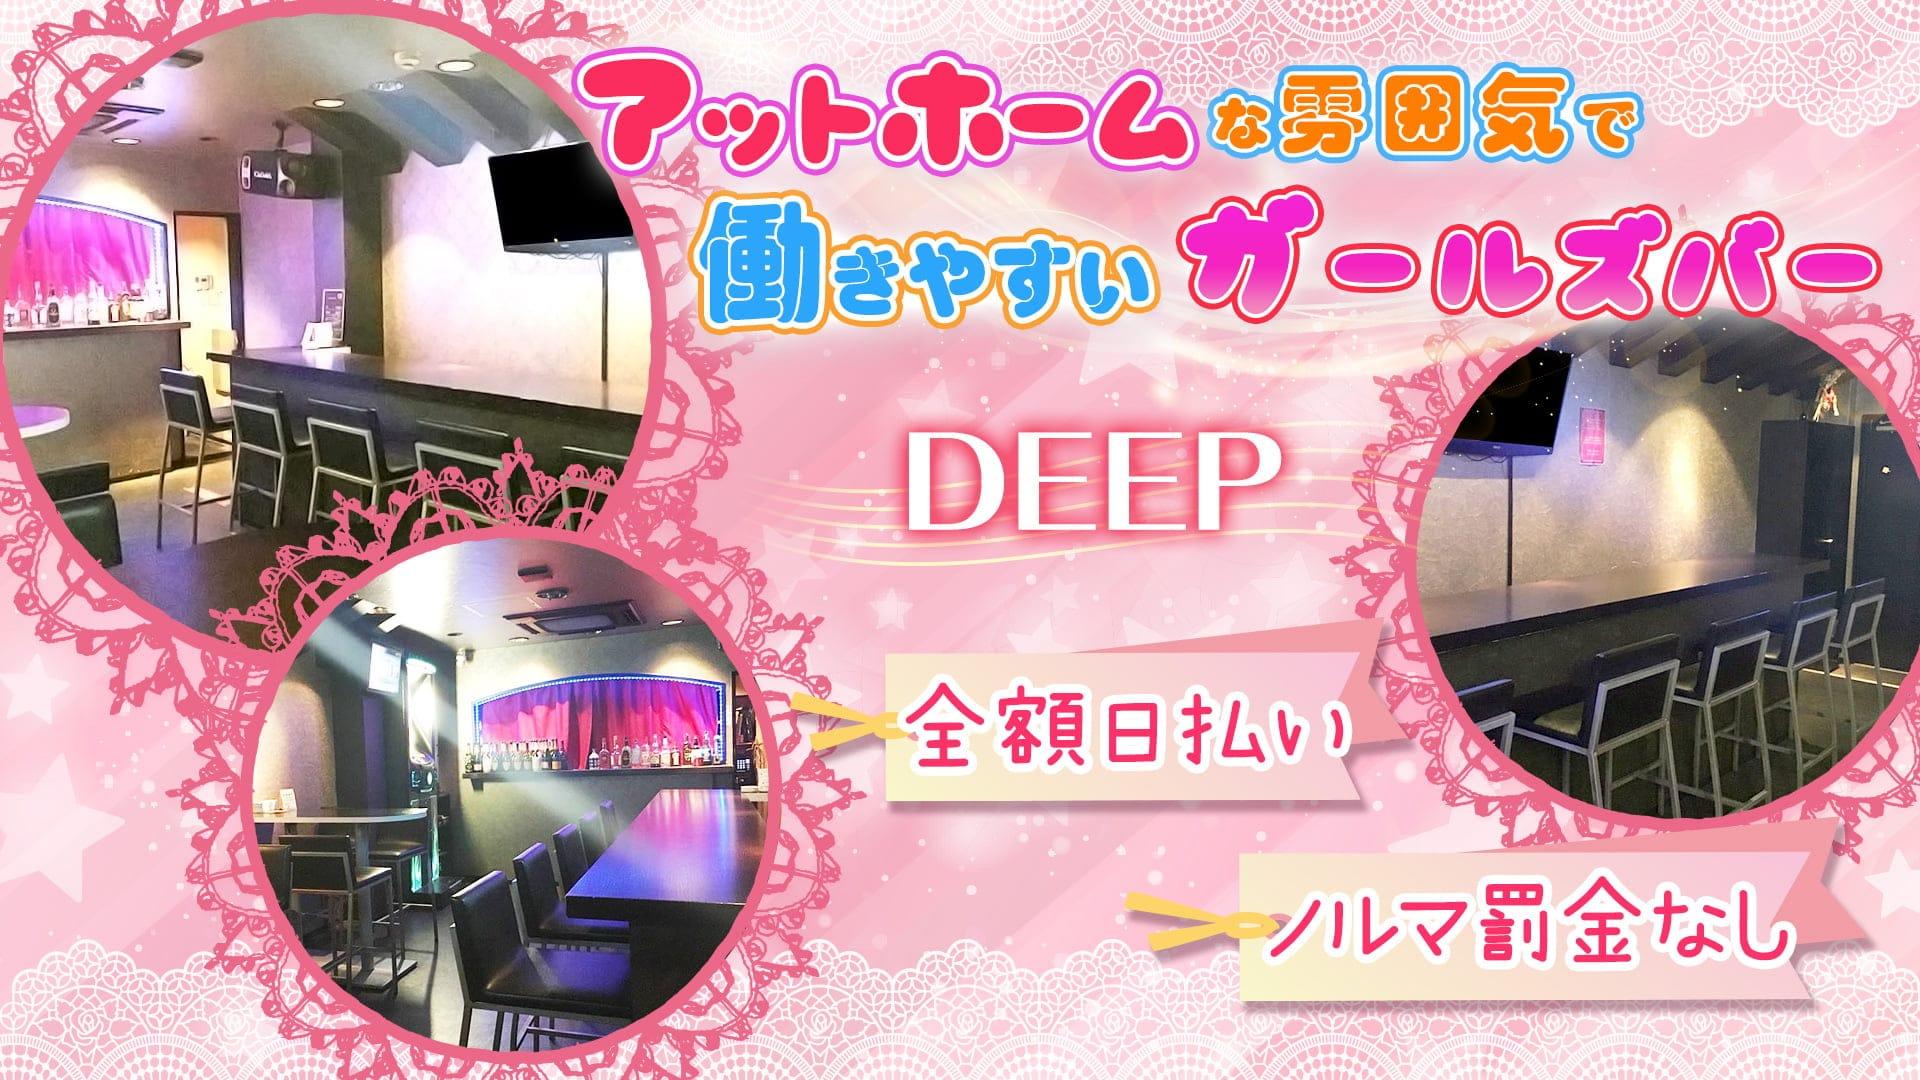 【天満】DEEP (ディープ)【公式求人・体入情報】 梅田ガールズバー TOP画像